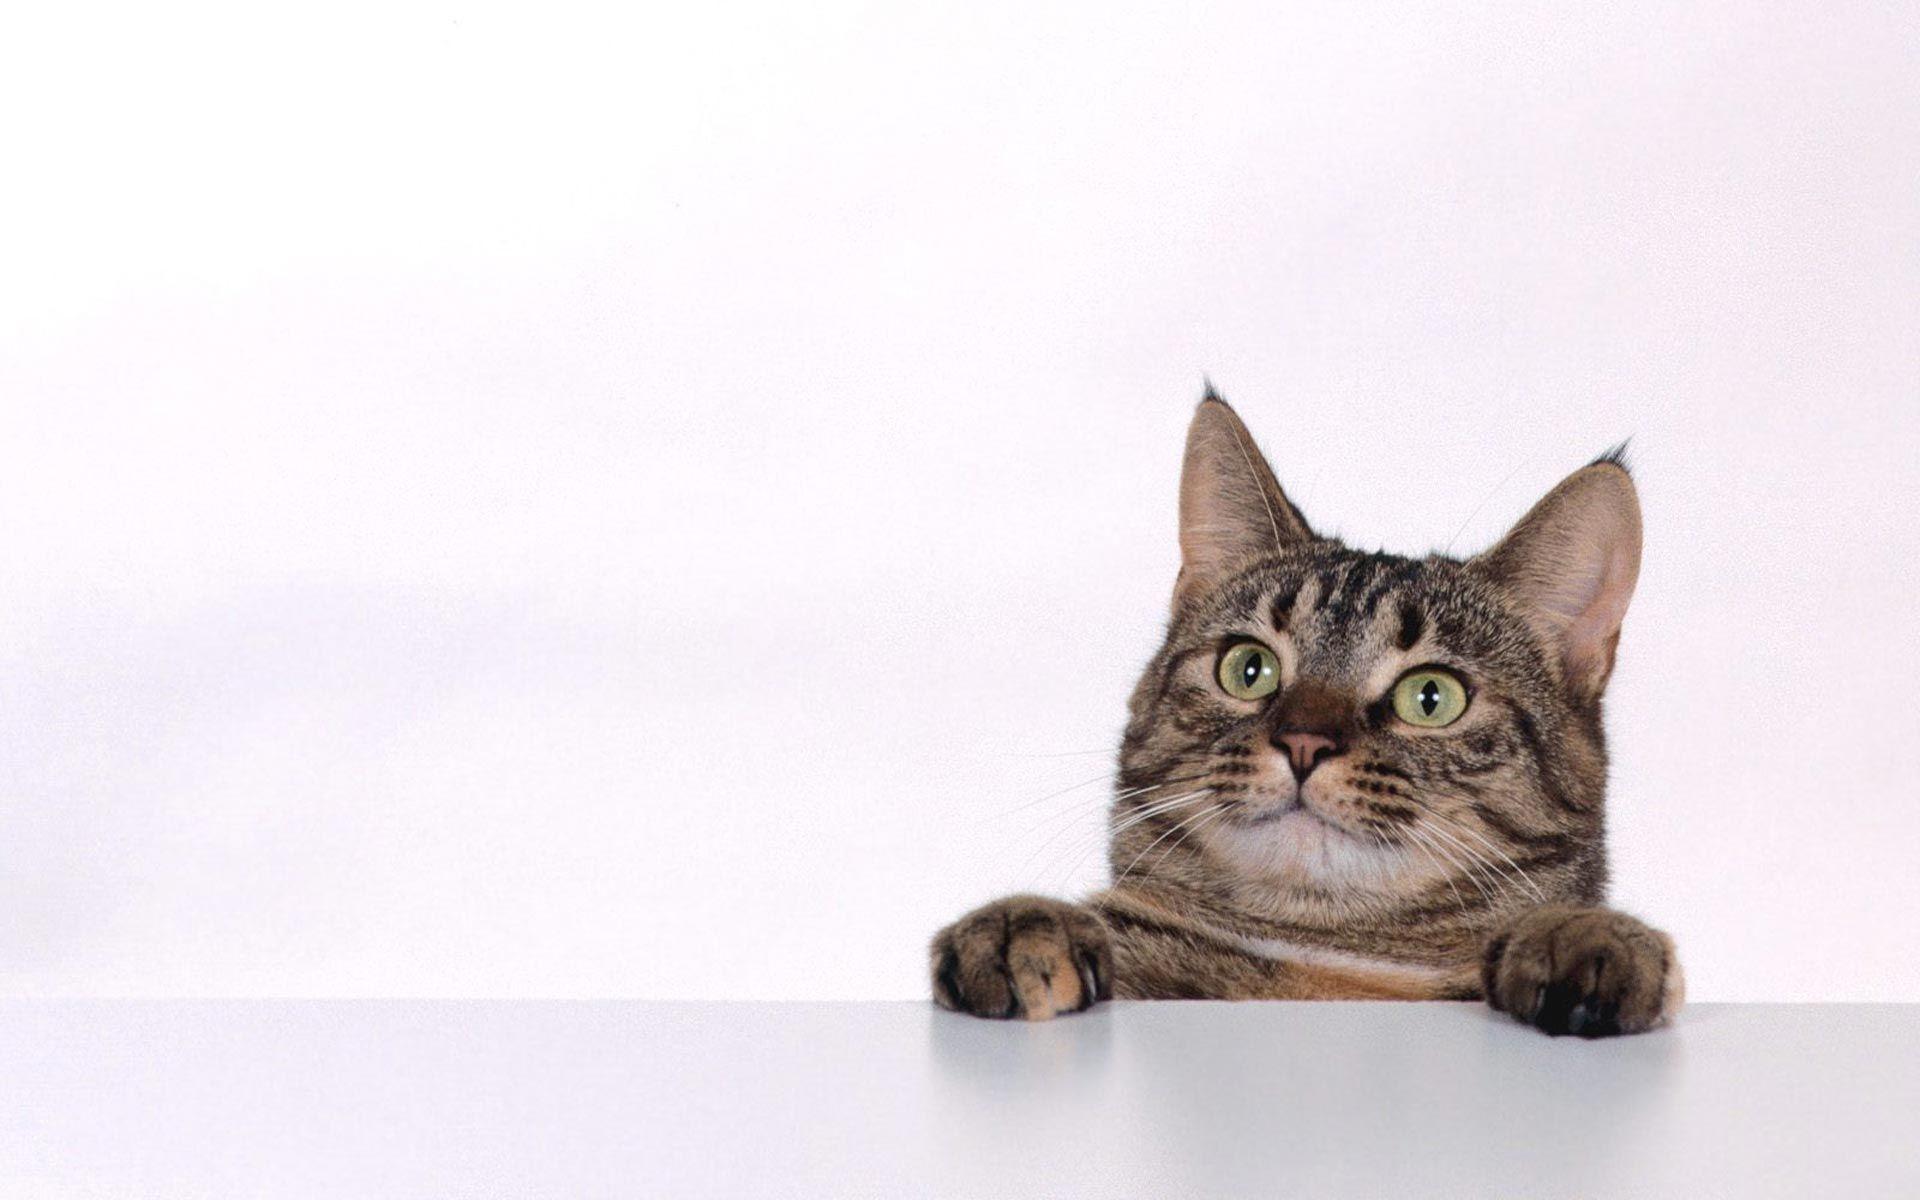 猫の壁紙でデスクトップに癒しと安らぎを 猫の壁紙 猫画像22選